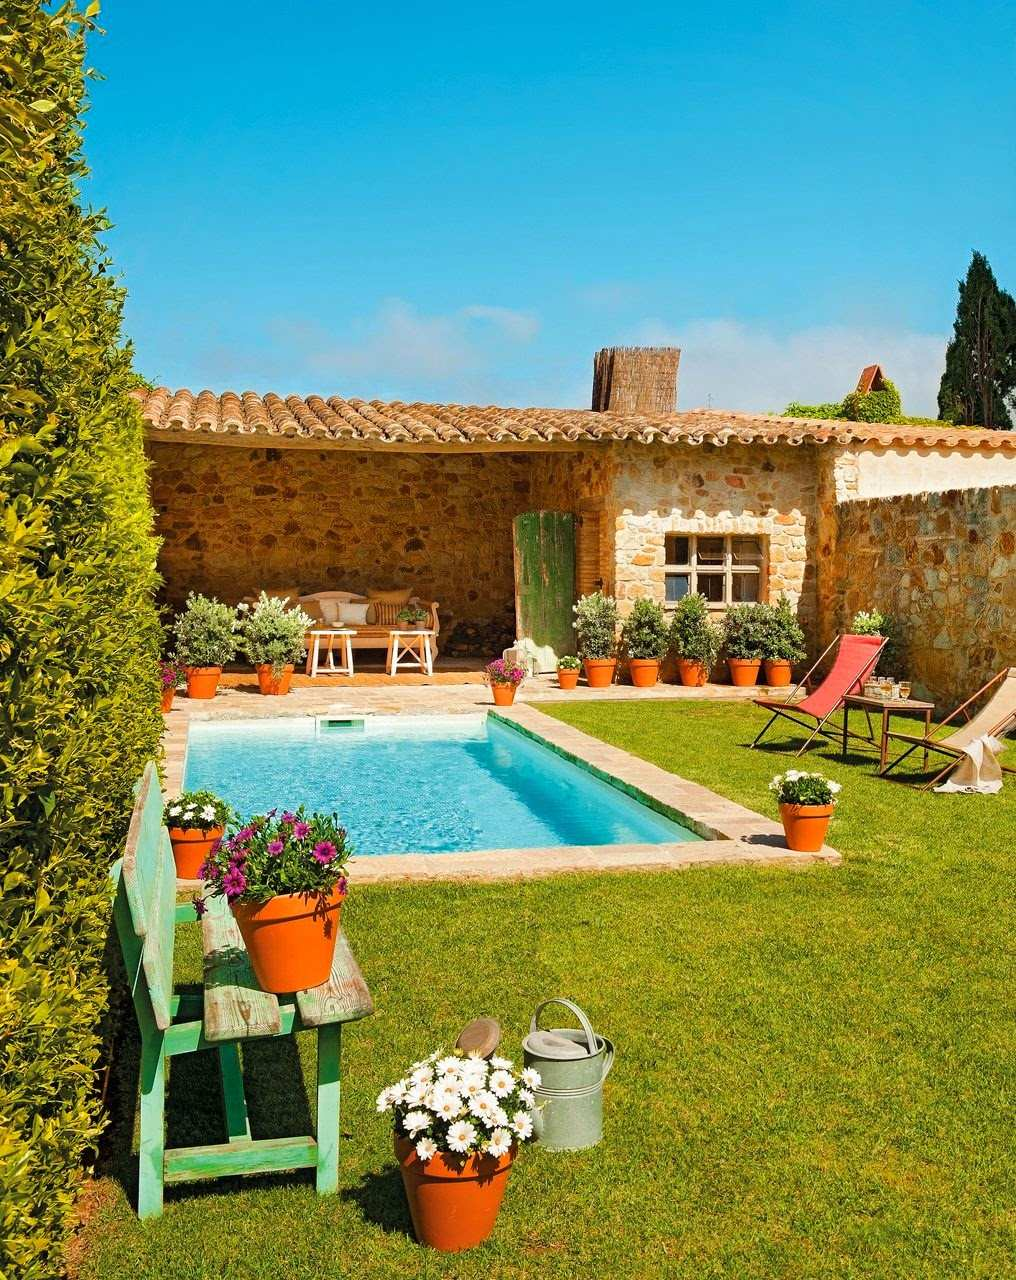 Casas lindas conhe a 65 casas incr veis e se inspire for Fotos de casas de campo con piscina